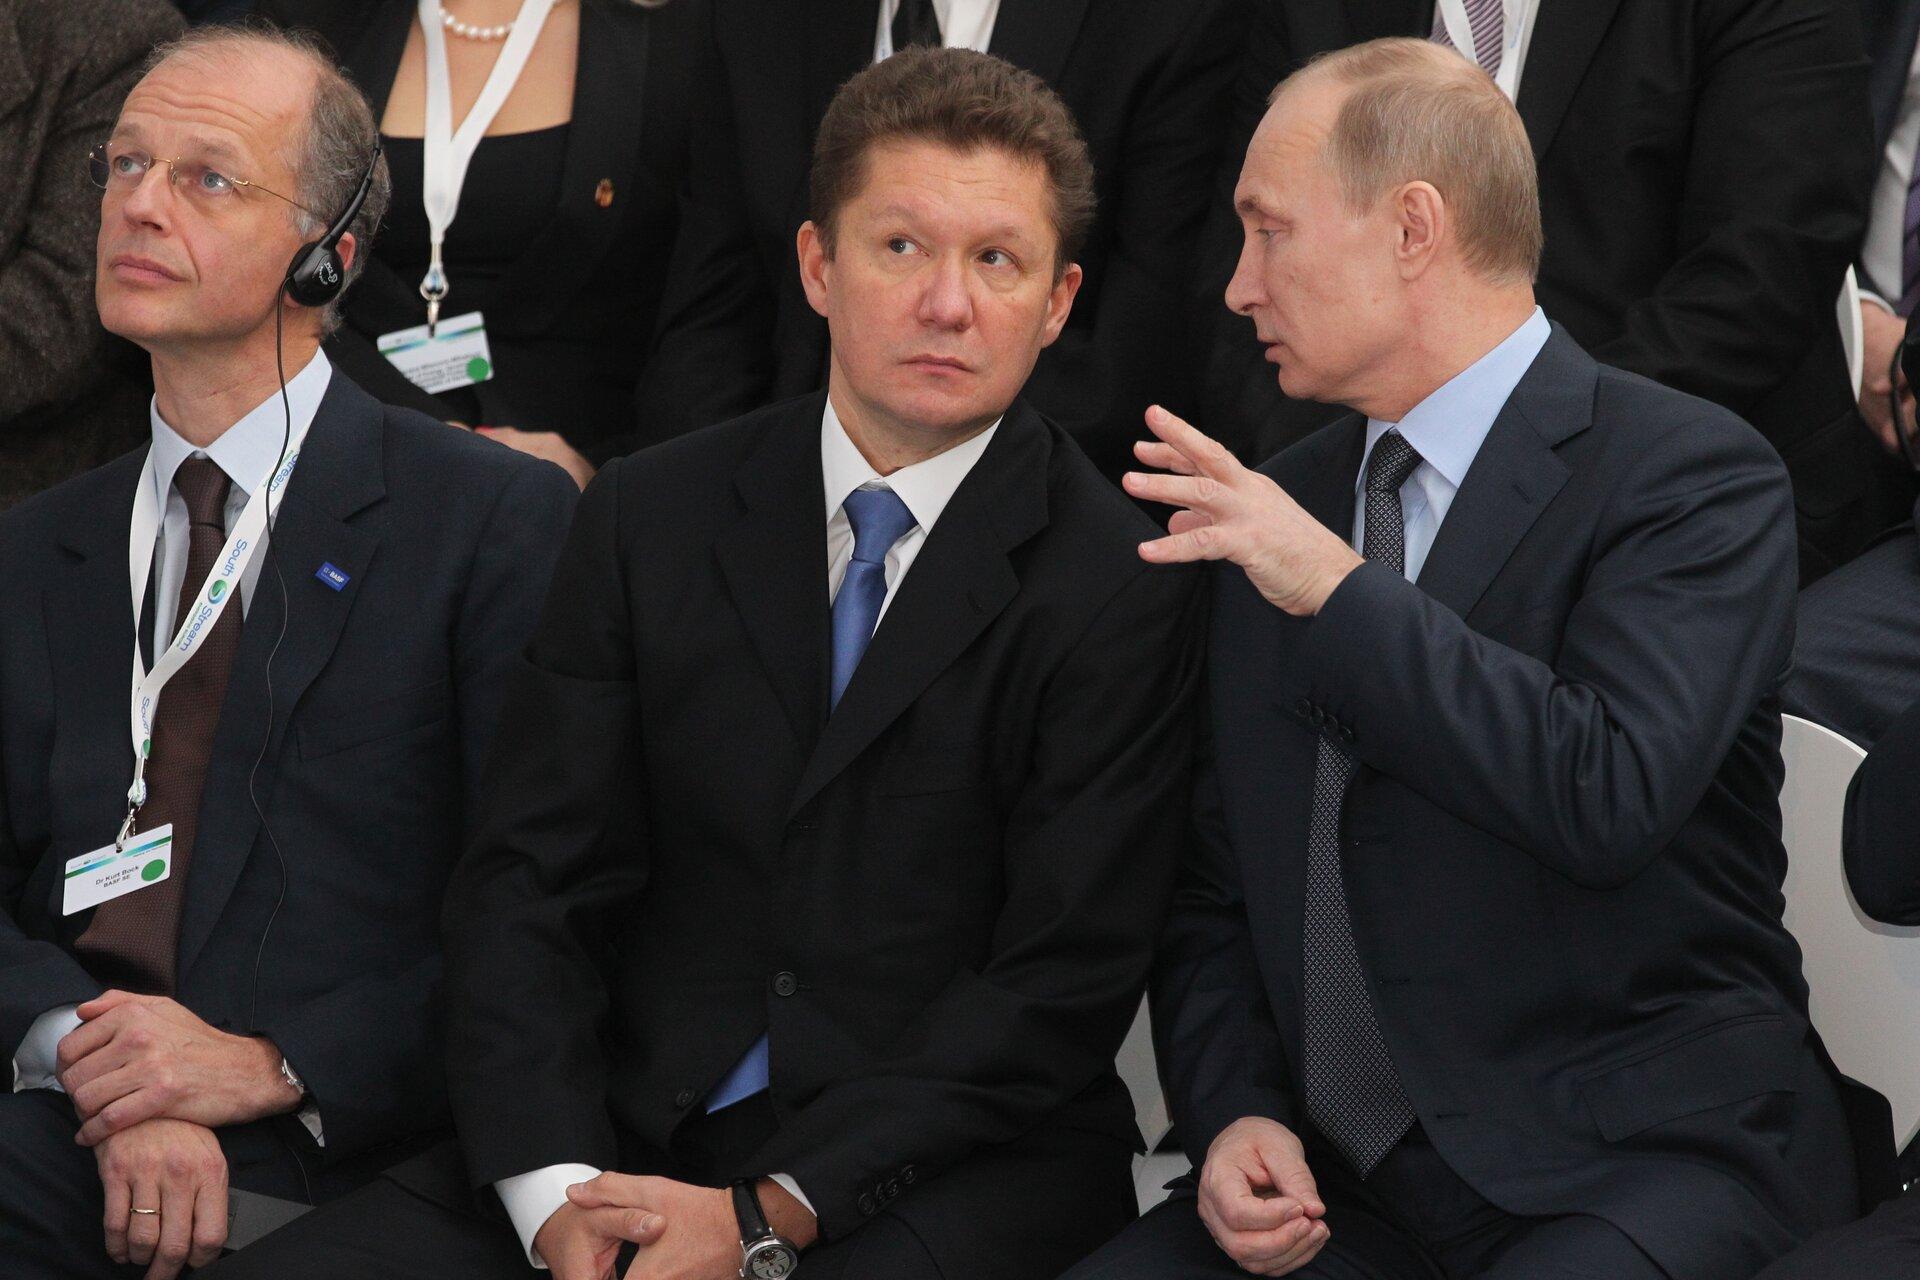 Non solo Nord Stream: il presidente russo Vladimir Putin (Destra) e l'AD di Gazprom Alexei Miller (C) in uno stabilimento di Sud Stream, un gasdotto costruito ad Anapa, in Russia, per trasportare il gas naturale attraverso il Mar Nero e farlo arrivare in Bulgaria, Grecia, Italia e Austria